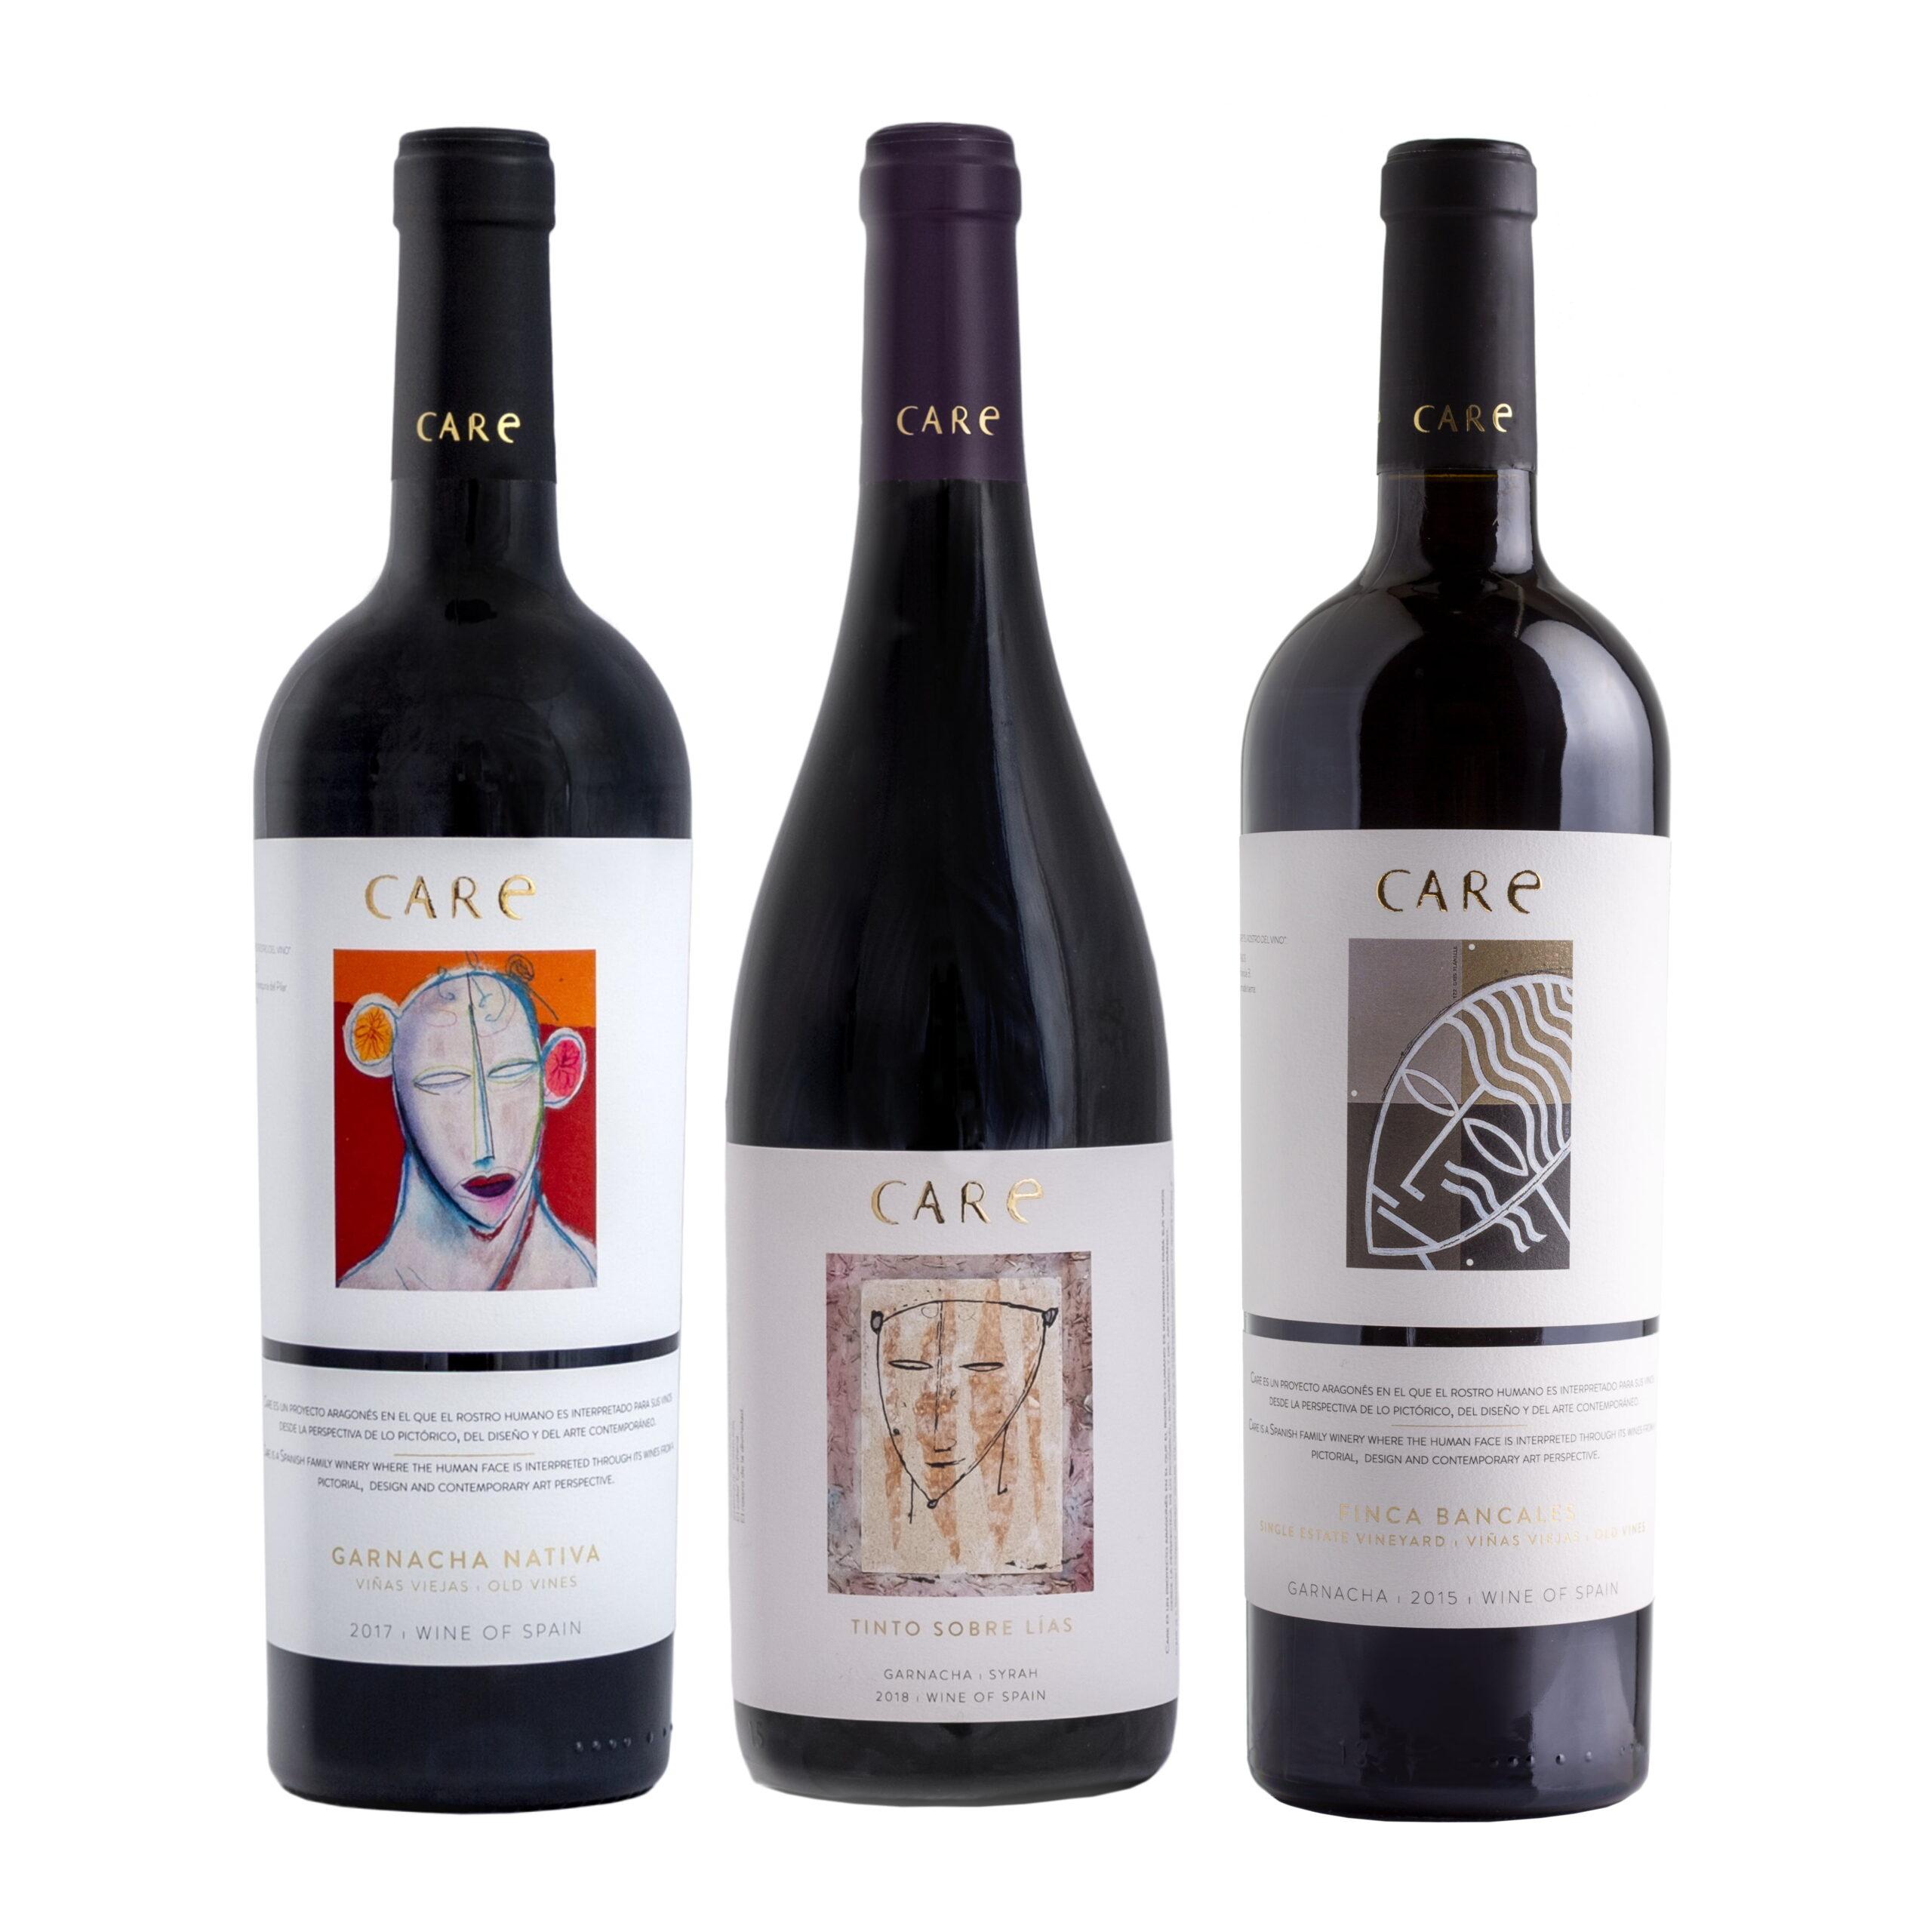 vino-care-garnacha-tinto-cariñena-bancales-lías